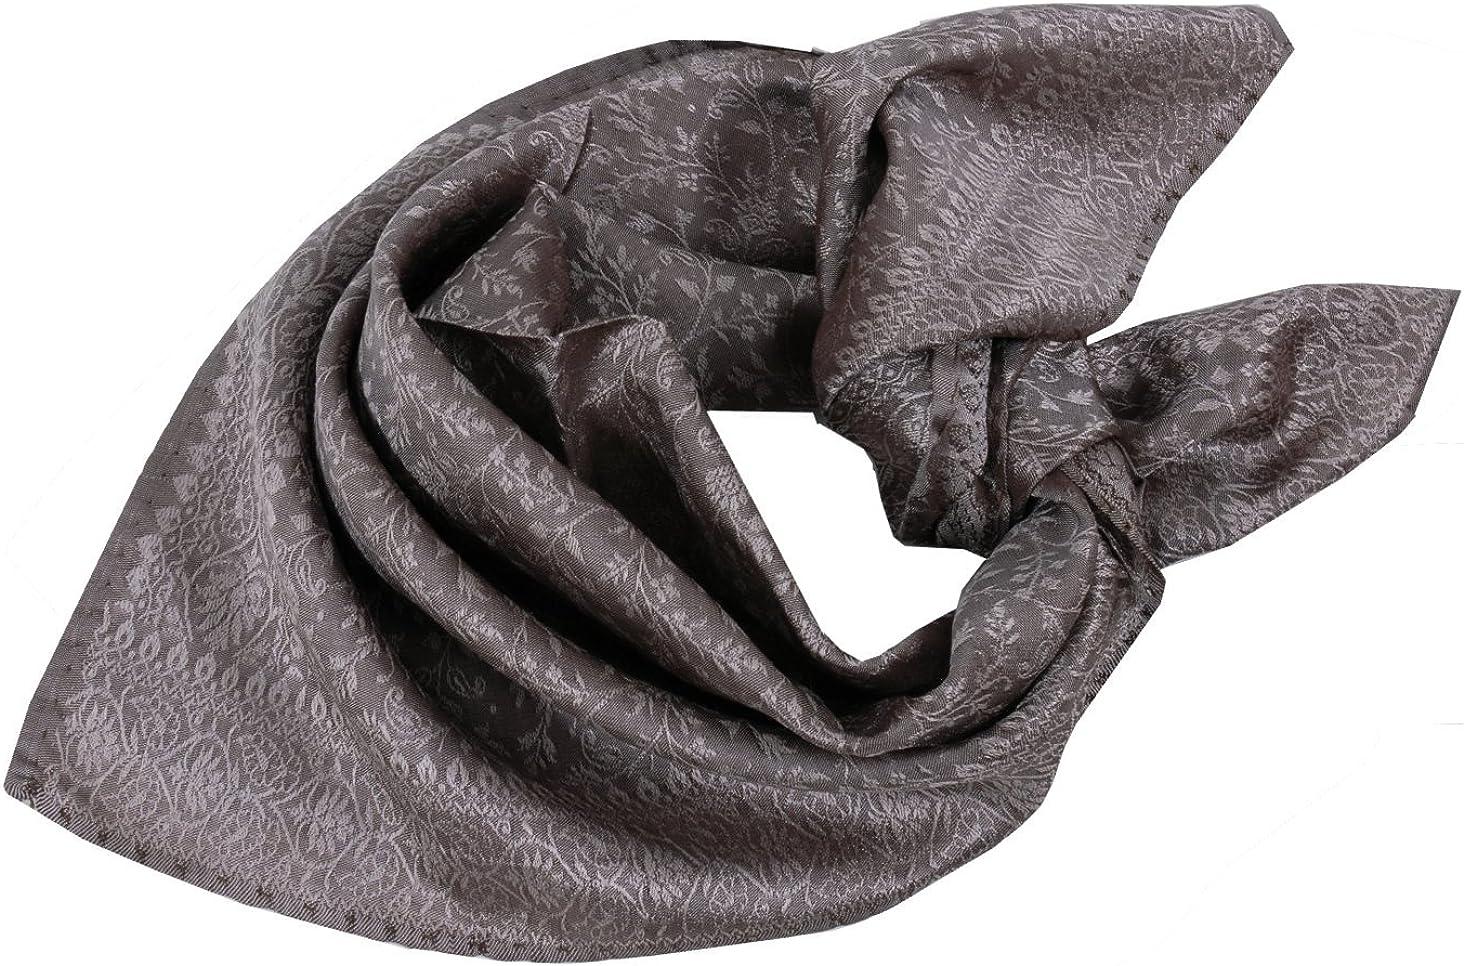 Trachtentuch Trachtenhalstuch Halstuch Nickituch Nicki 100/% Seide Beige Braun